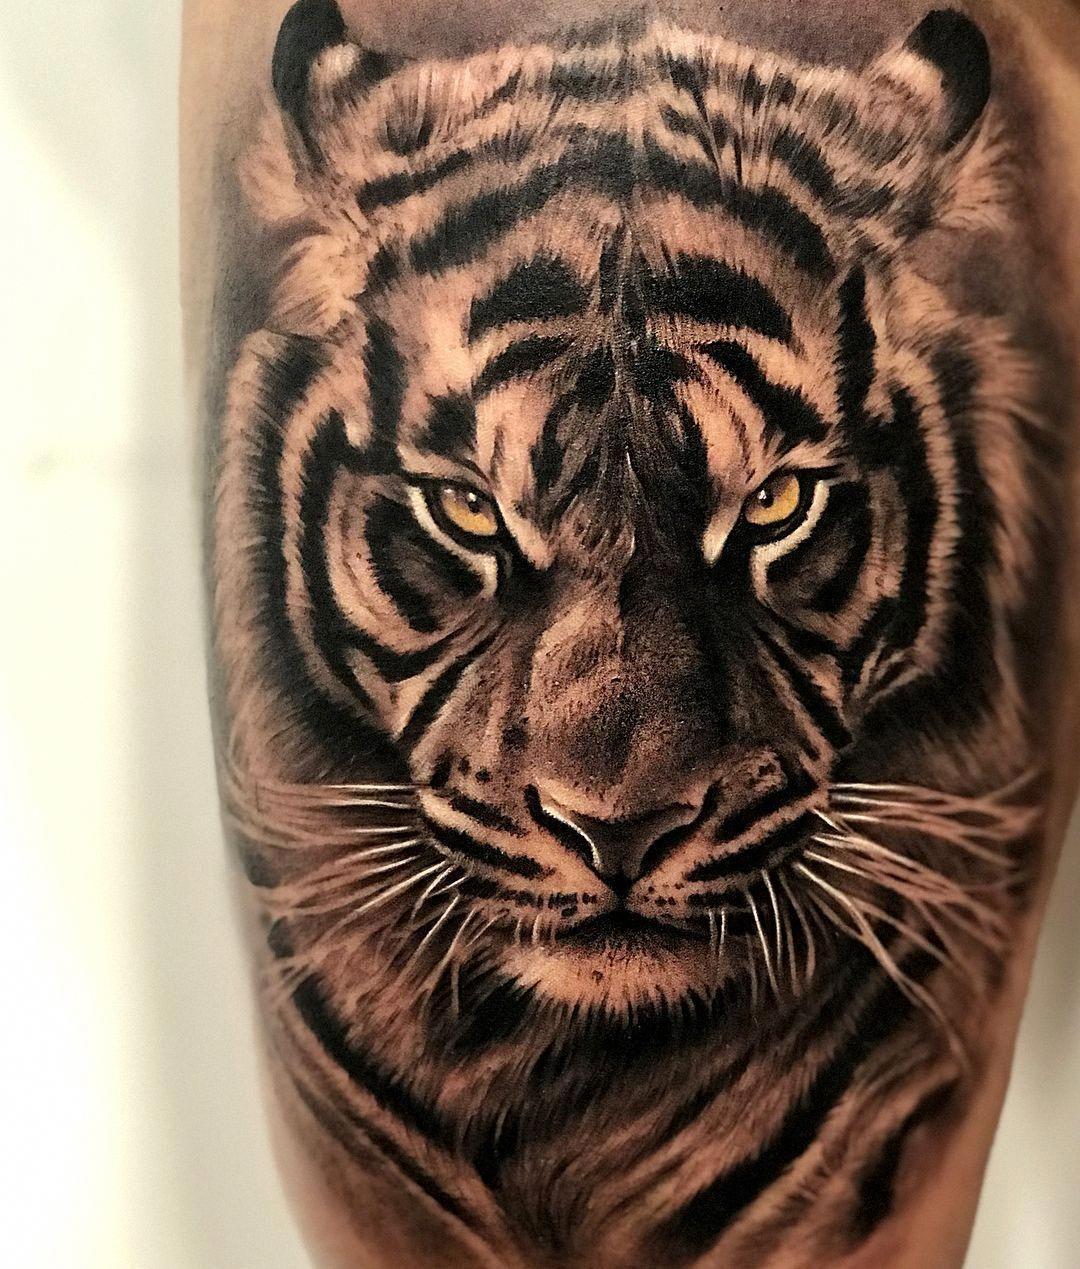 T Tattoo Tatuaje Ink Love Animal Animals Tiger Boy Man Malaga Spain Espana Menstattoos Tiger Tattoo Design Tiger Tattoo Sleeve Tiger Tattoo